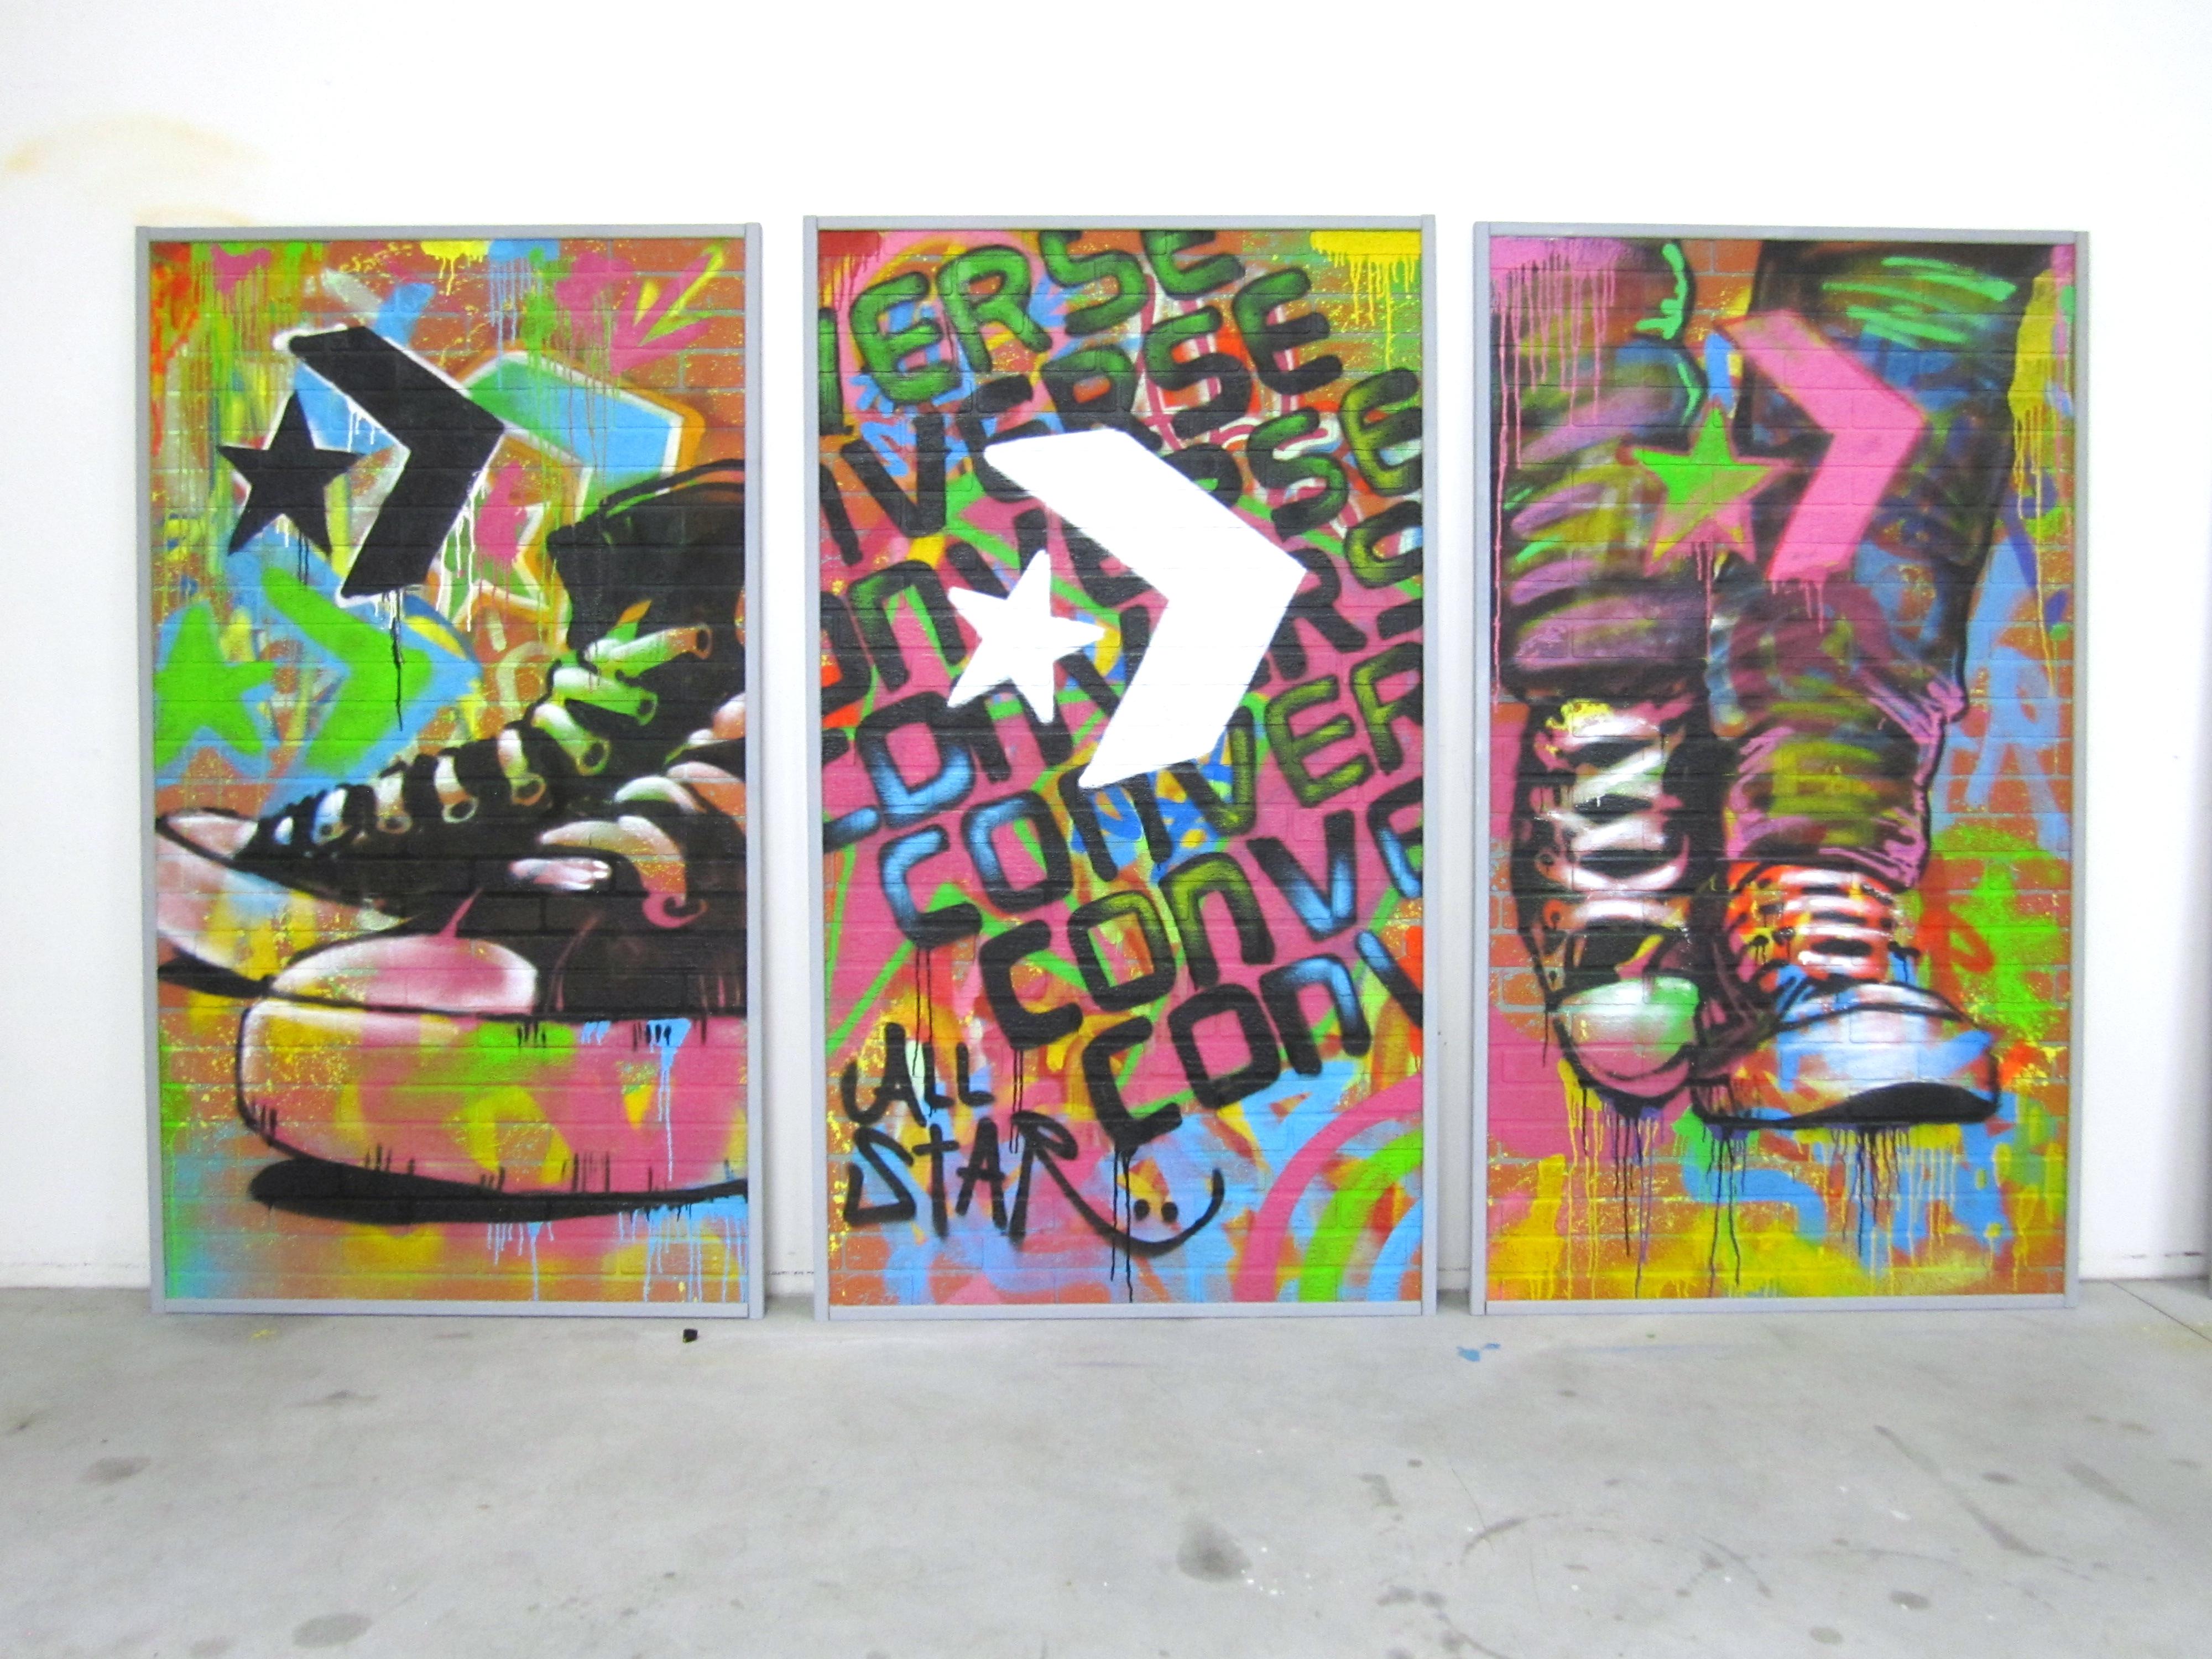 2converse murales